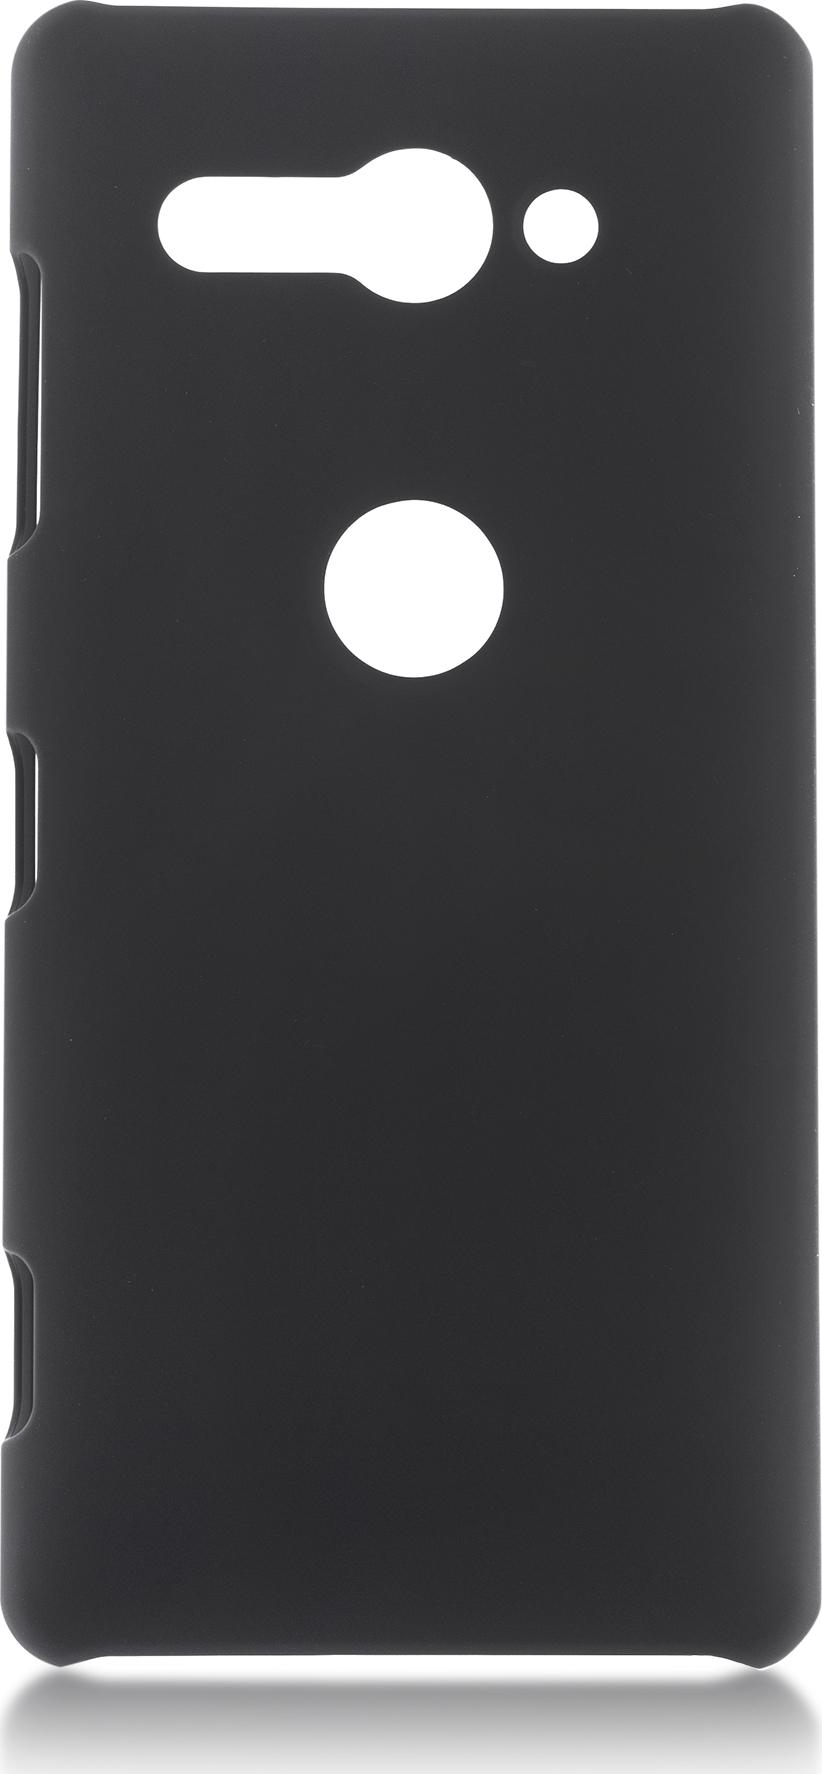 Чехол Brosco Soft-Touch для Sony Xperia XZ2 Compact, черный чехол для sony i4213 xperia 10 plus brosco силиконовая накладка черный